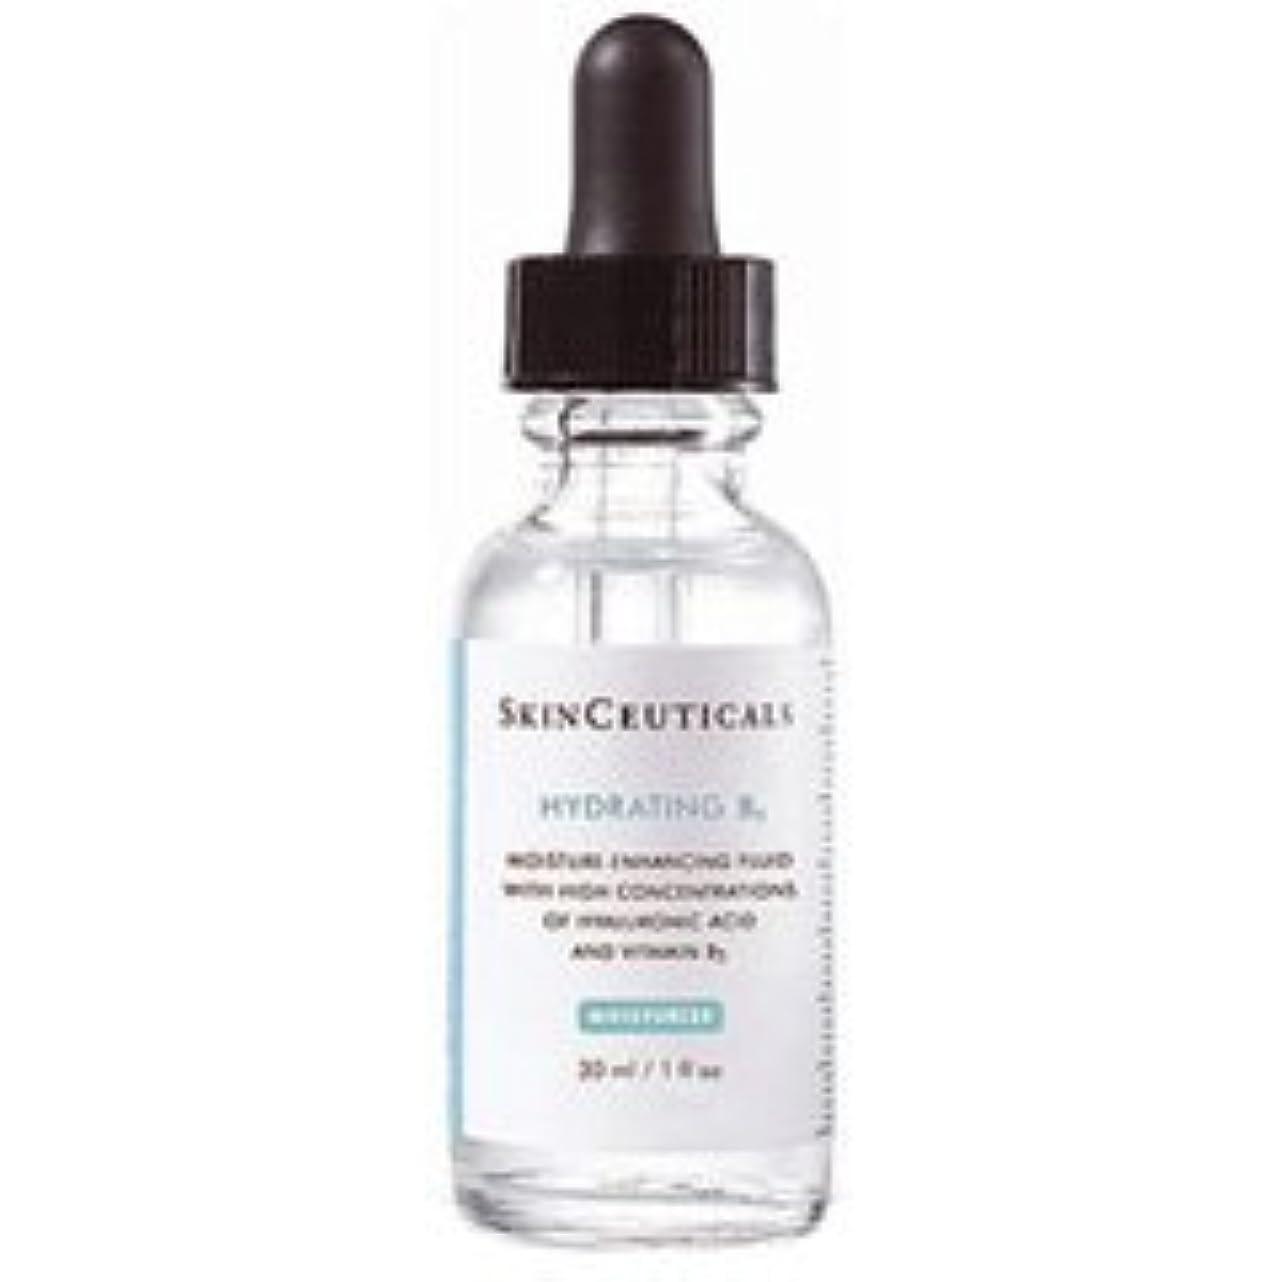 ハイキングうぬぼれた化学薬品スキンシューティカルズ(Skinceuticals) ハイドレイティングB5ジェル 30ml [海外直送品][並行輸入品]